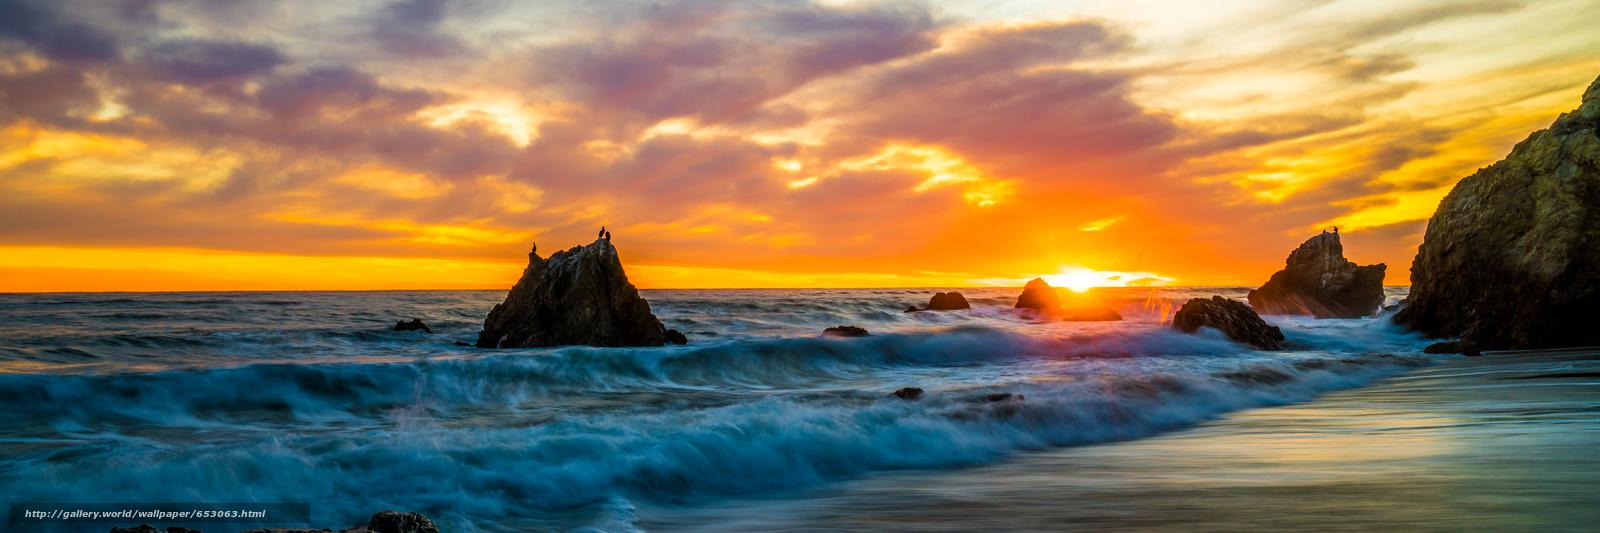 Скачать обои Malibu,  закат,  море,  волны бесплатно для рабочего стола в разрешении 7868x2623 — картинка №653063